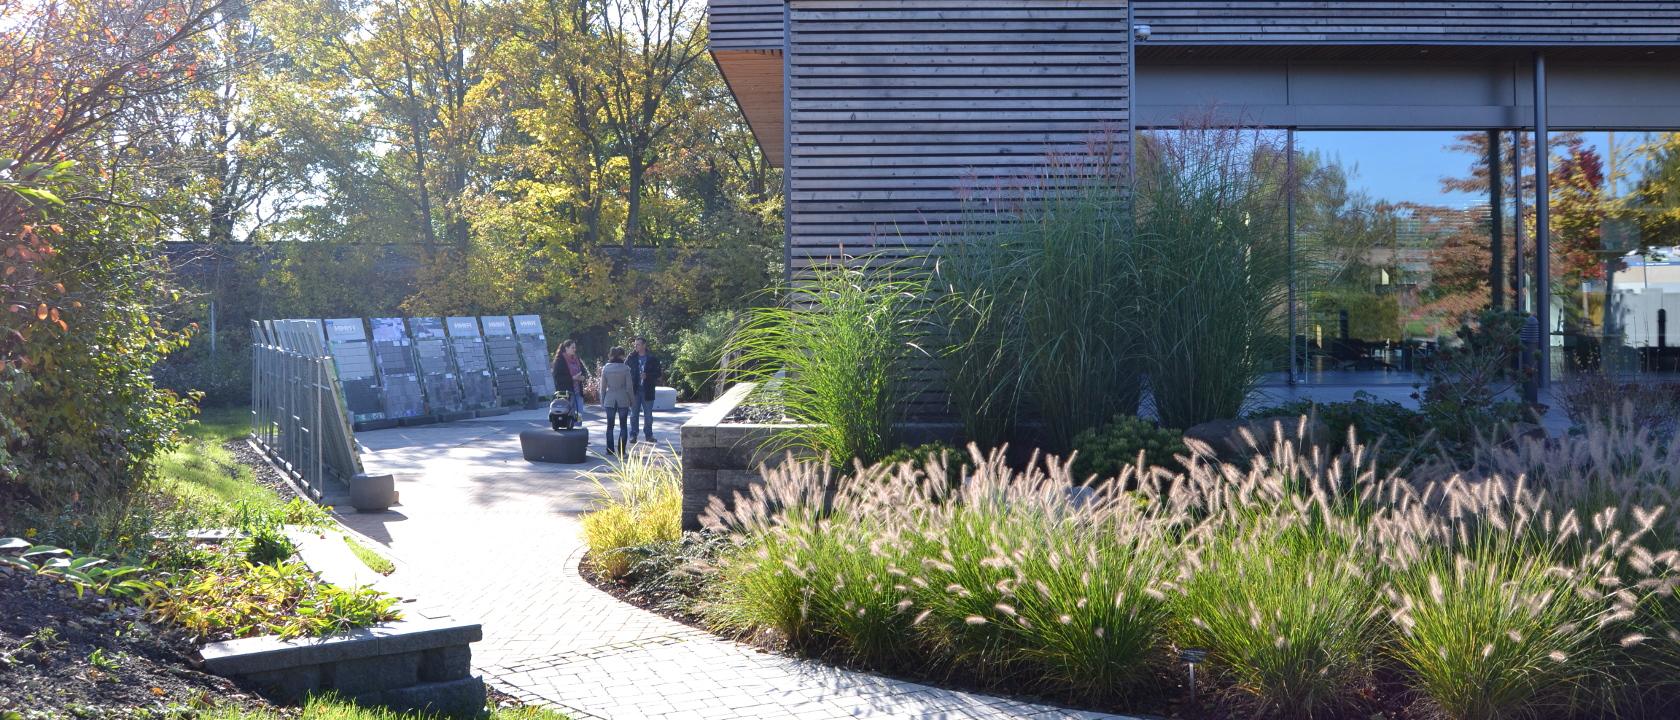 Blickl auf die Musterregale und den Ideenpavillon im Ideengarten Stadtroda. Die Gräser sind groß gewachsen und passen gut zur Holzfassade des Gebäudes.